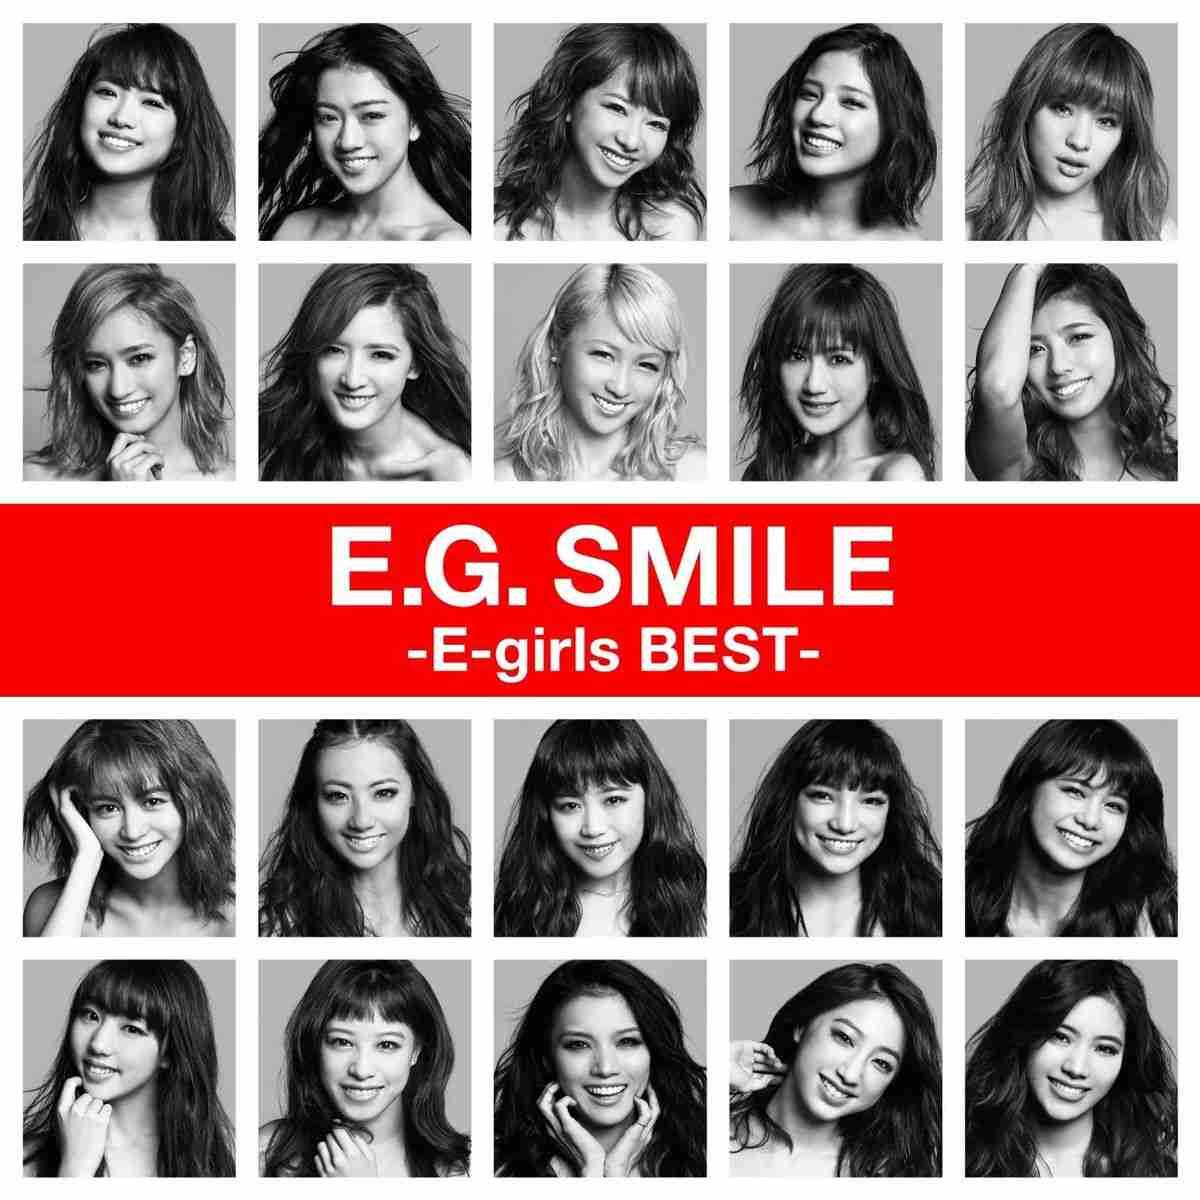 【新証言あり】E-girlsはいじめグループだった!EXILEの妹分 性格悪すぎ・・・。 - NAVER まとめ